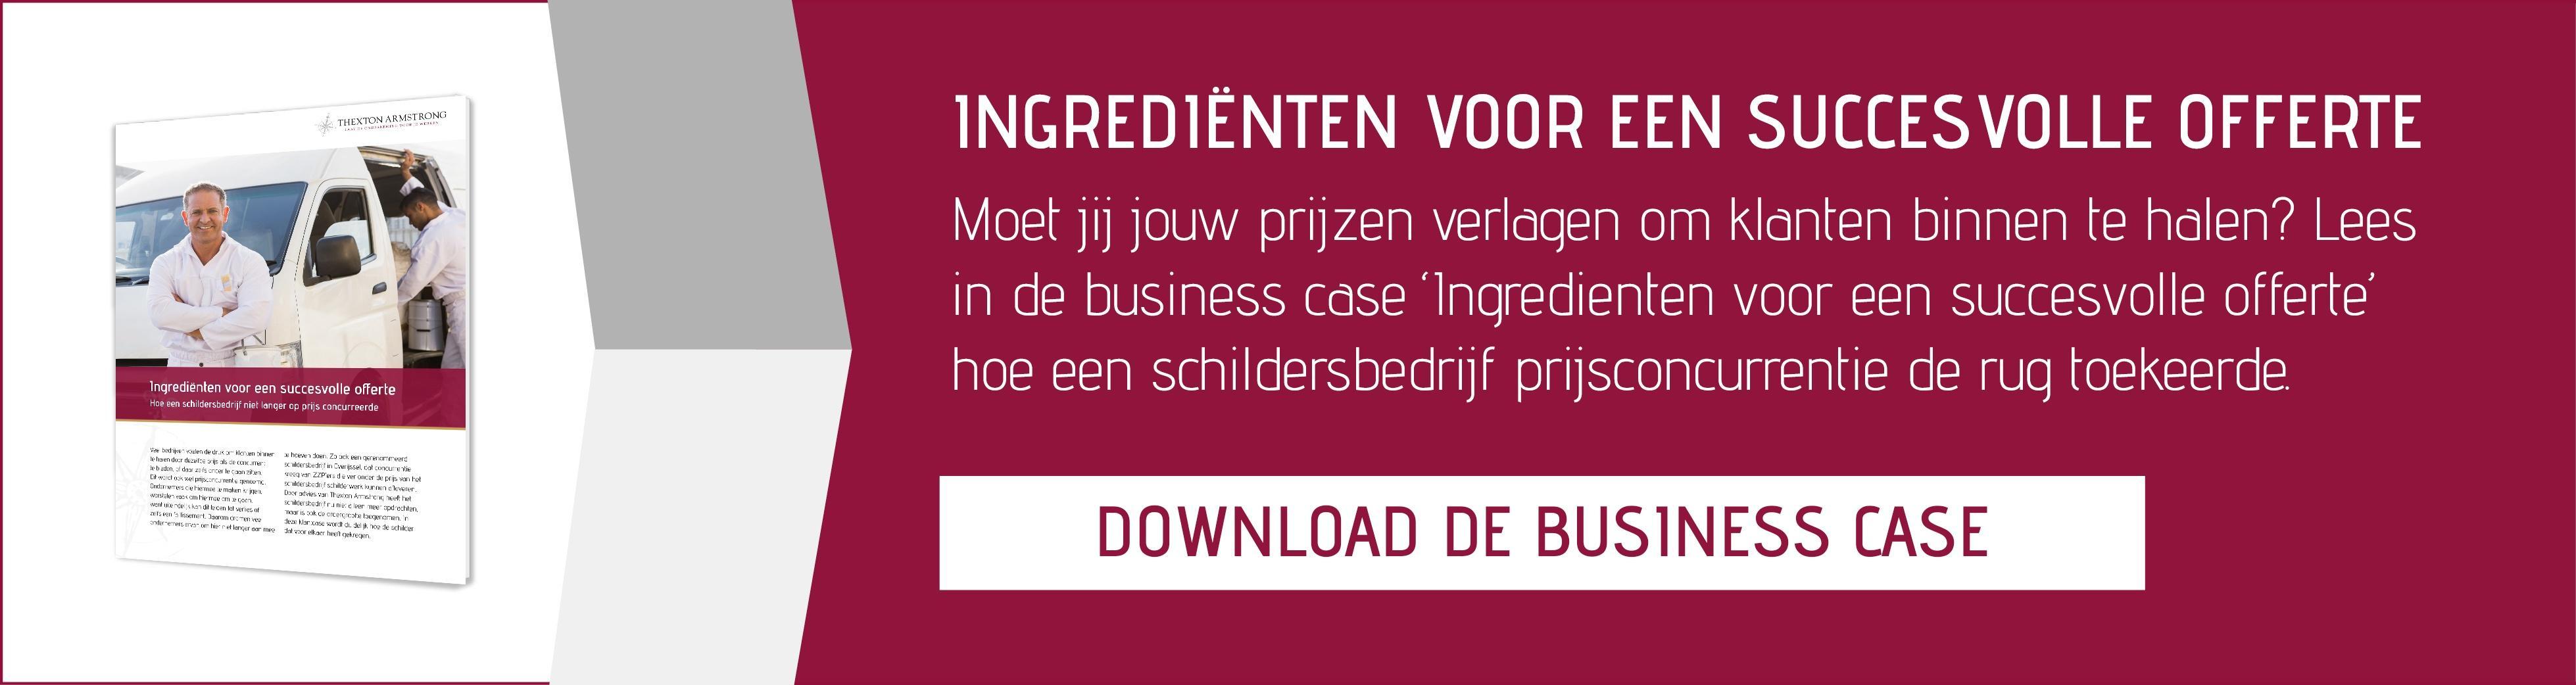 Download de business case